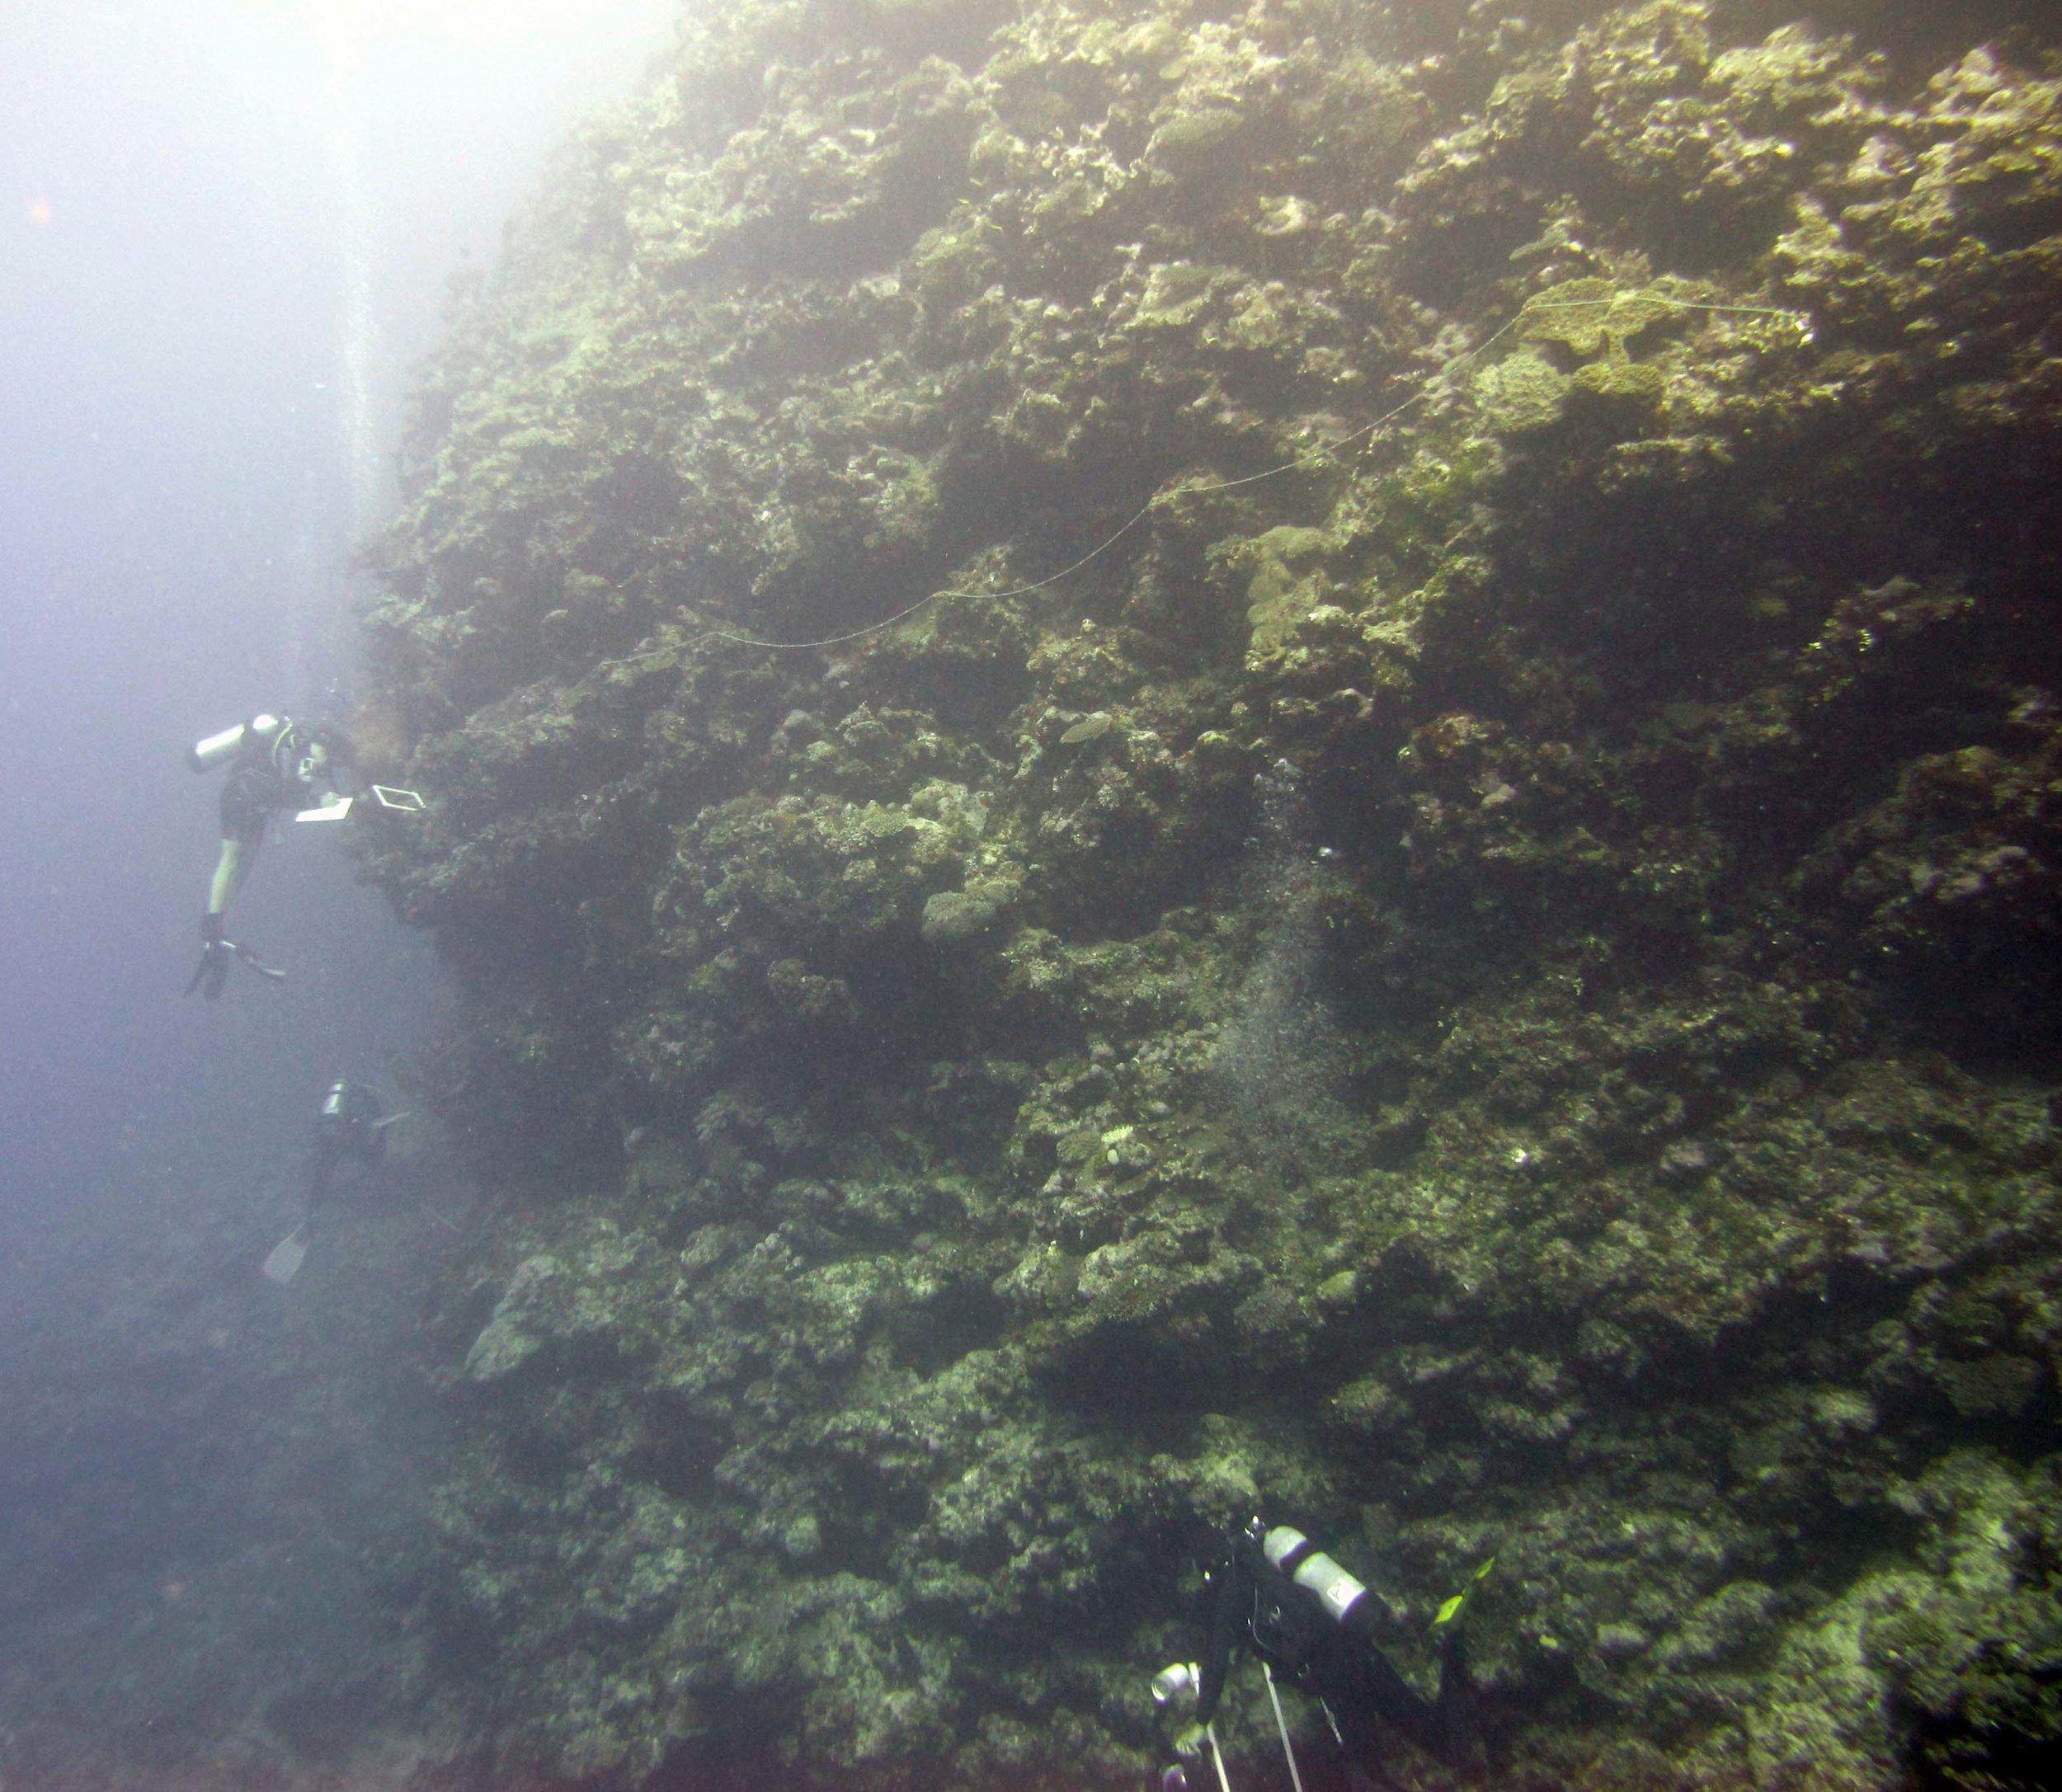 divers at work.jpg